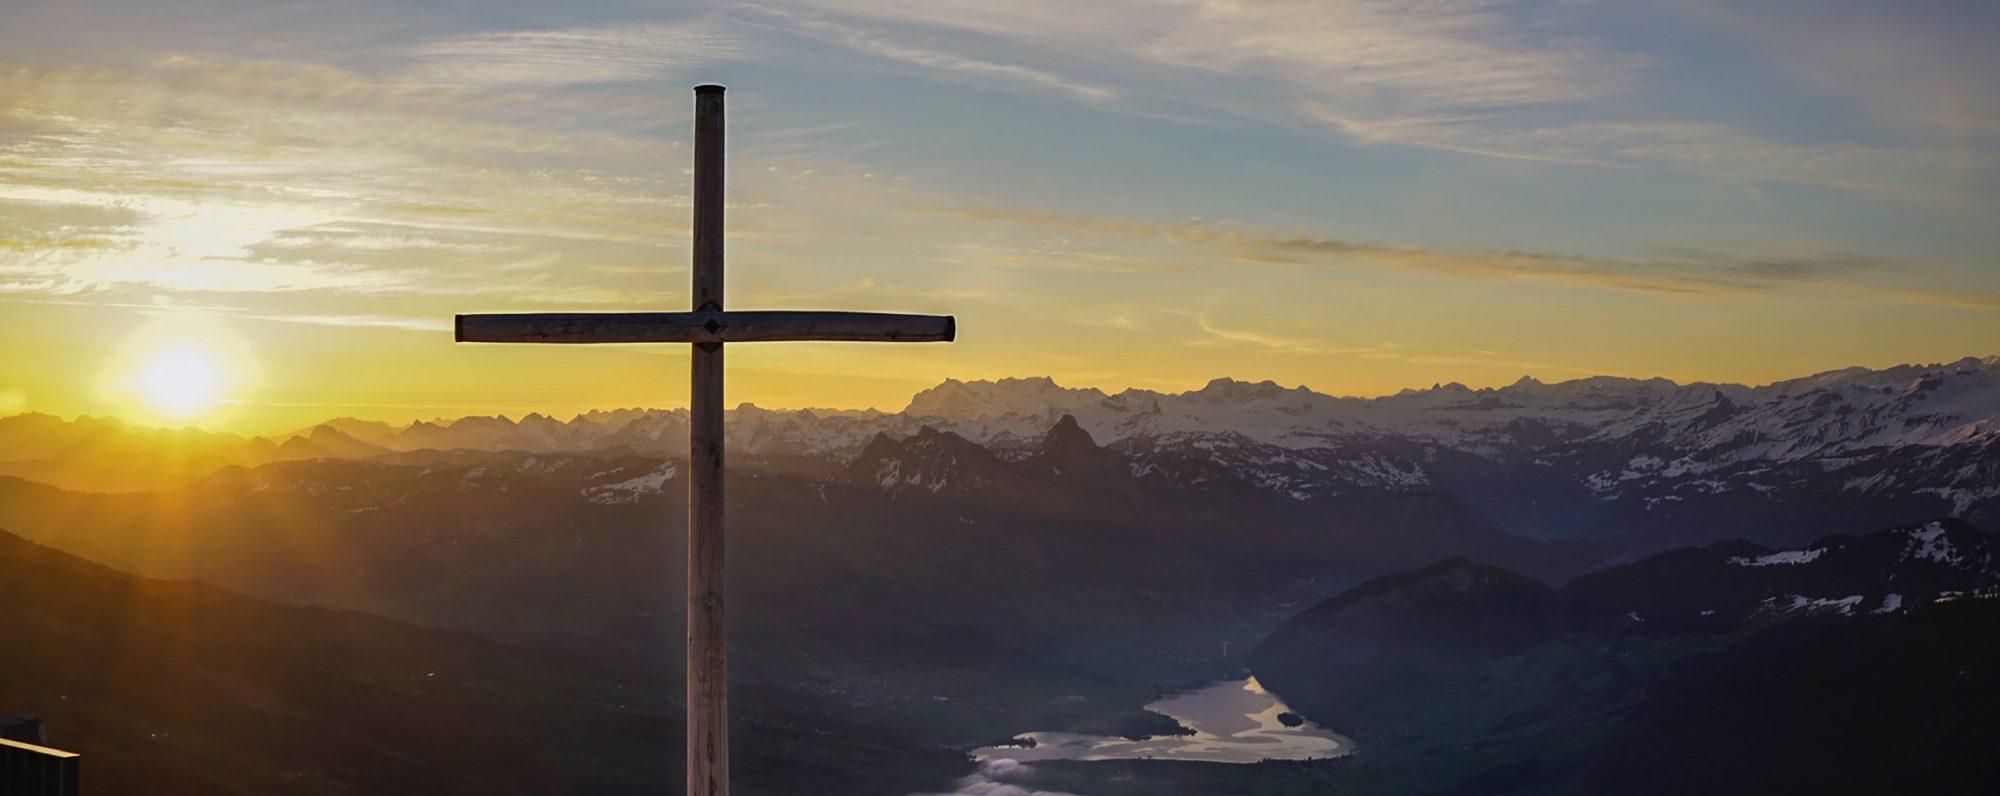 Living Hope Ministry